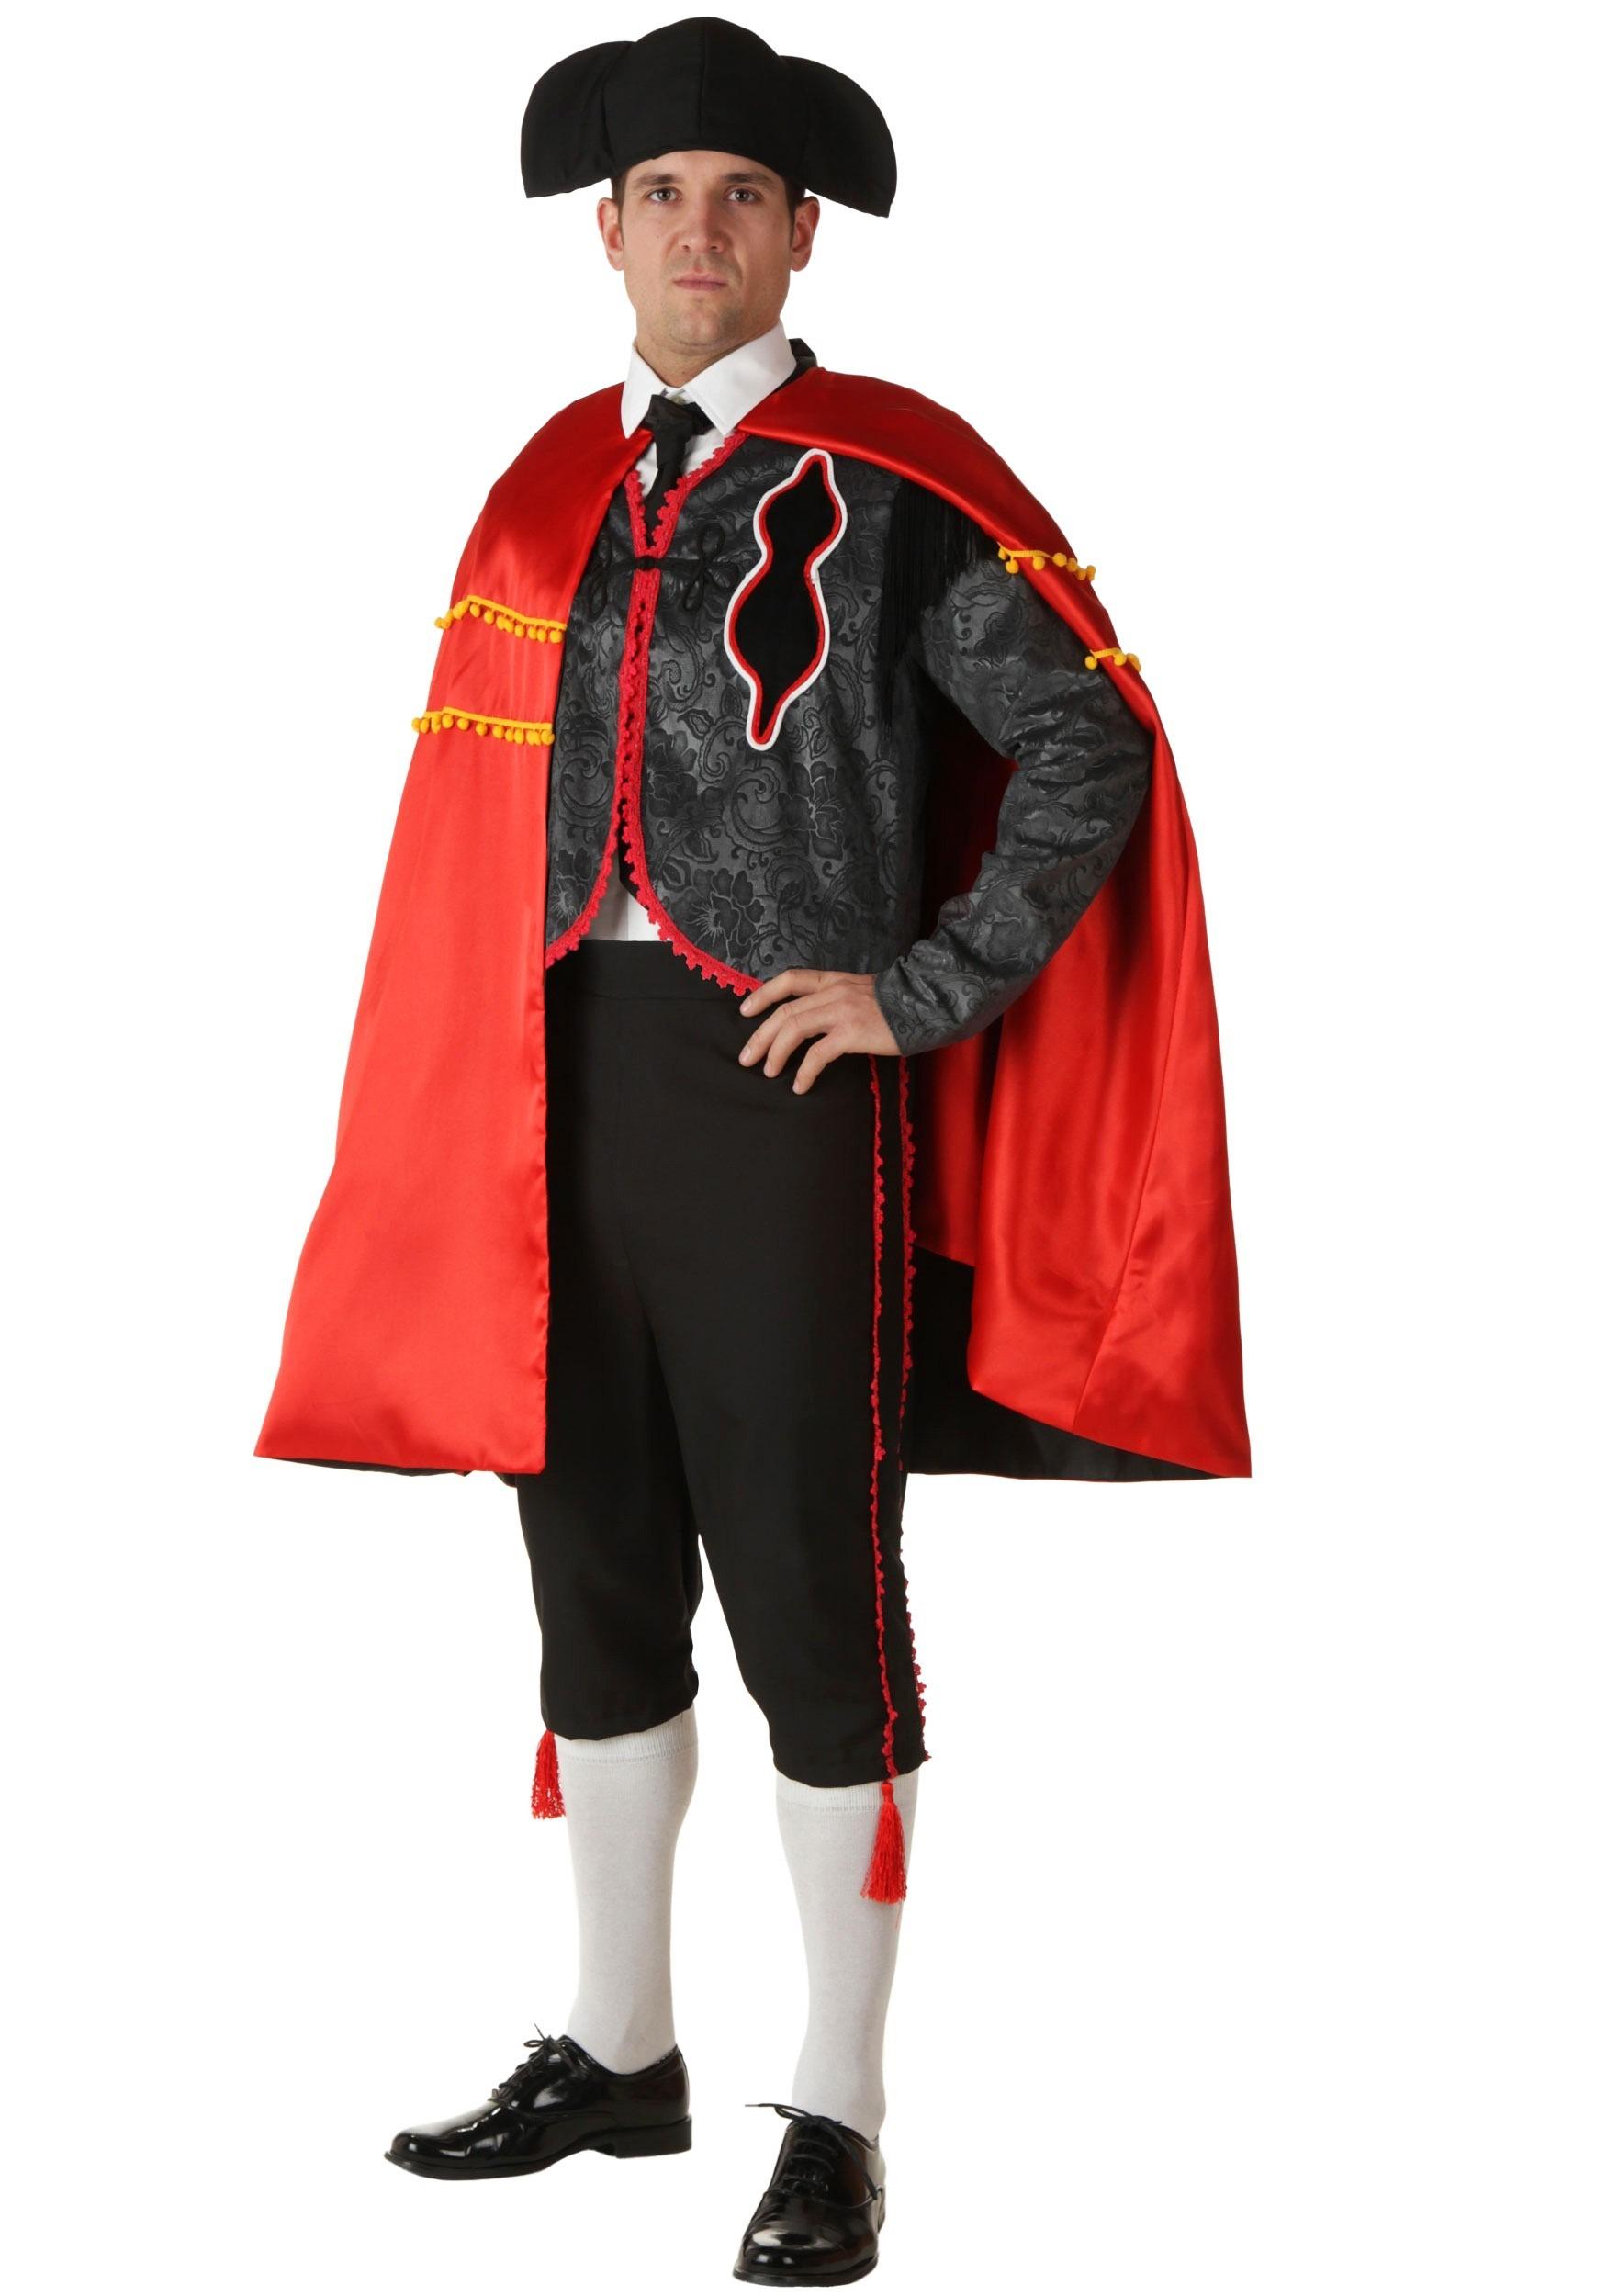 e41fe611d53 Adult Matador Costume